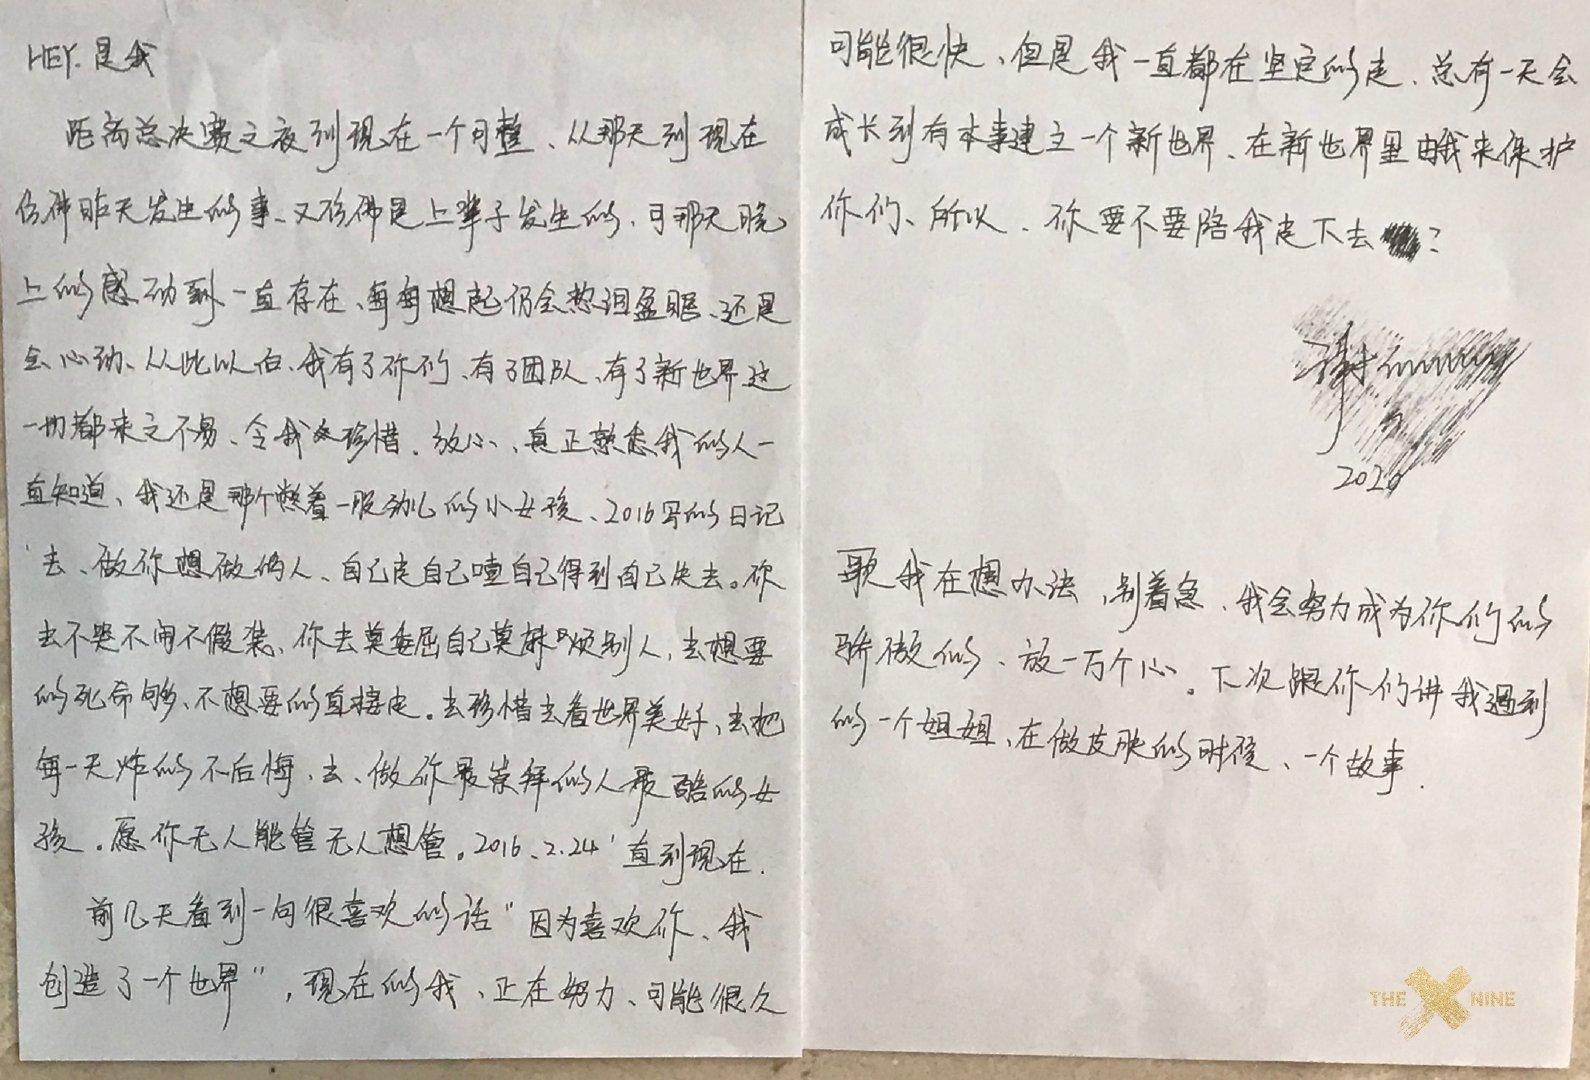 不知不觉刘雨昕、虞书欣、许佳琪、喻言、谢可寅、安崎、赵小棠、孔雪